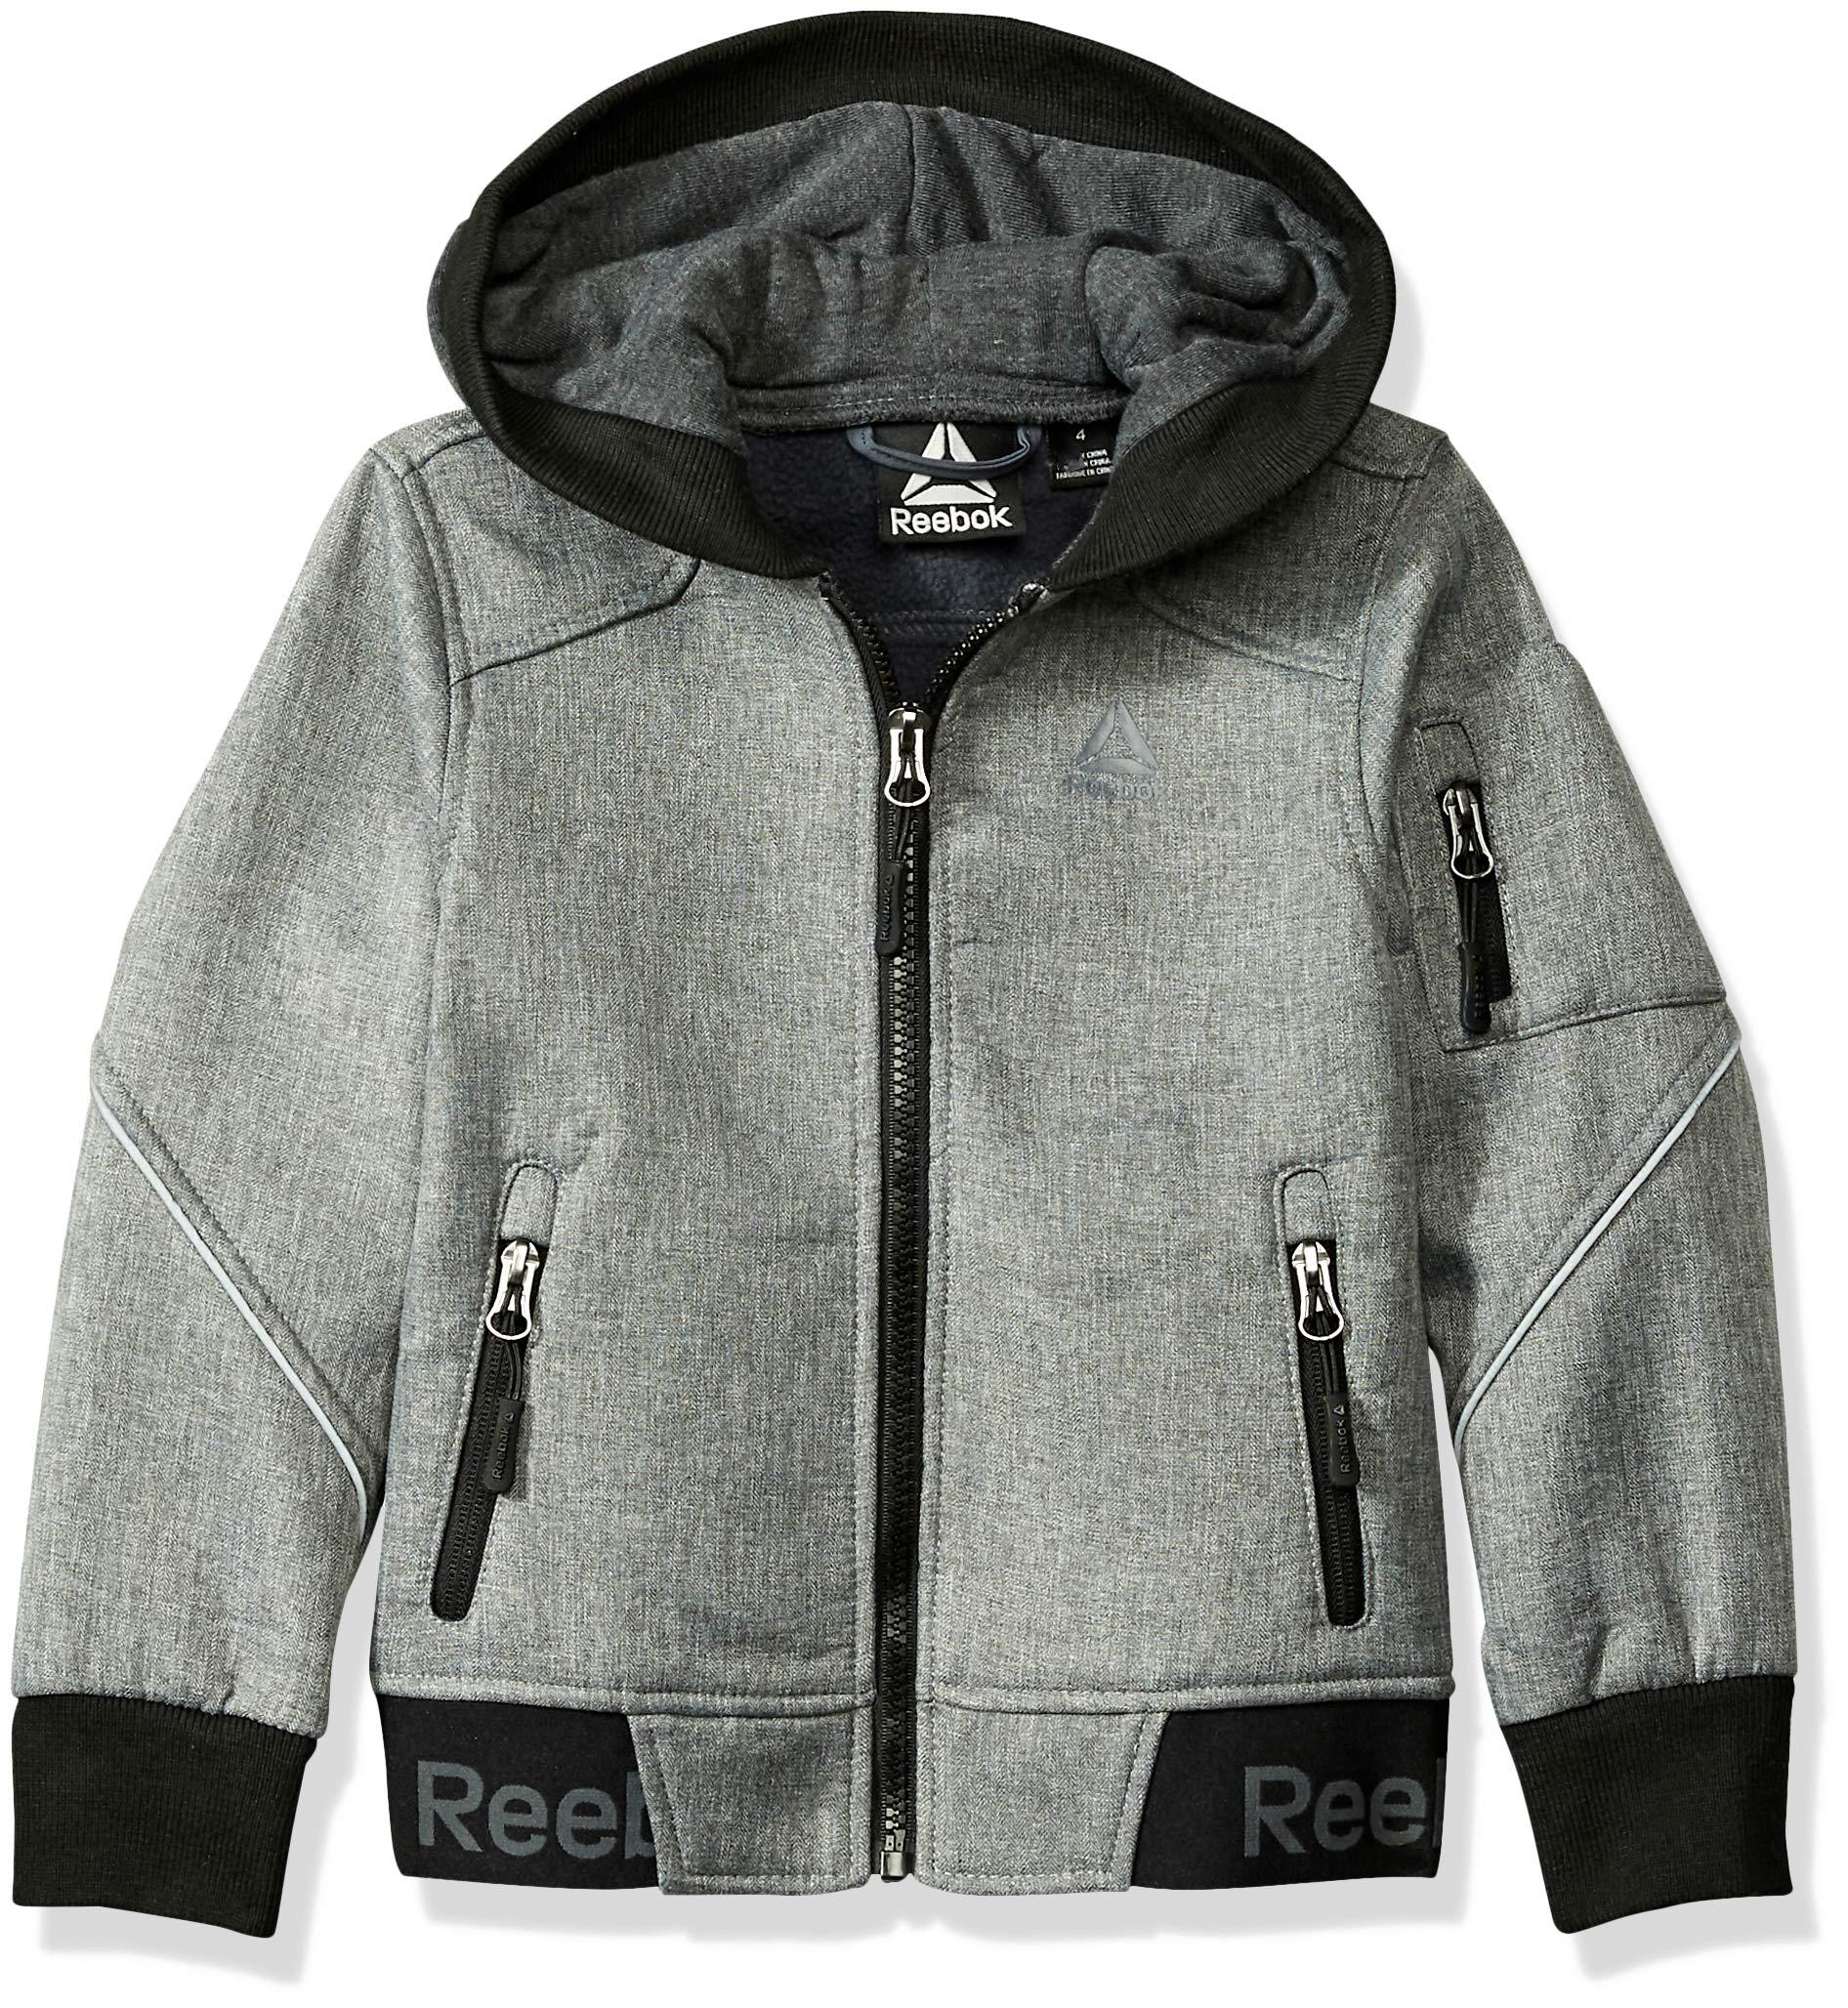 Reebok Boys' Little' Active Logo Hem Jacket, Grey Heather, 5/6